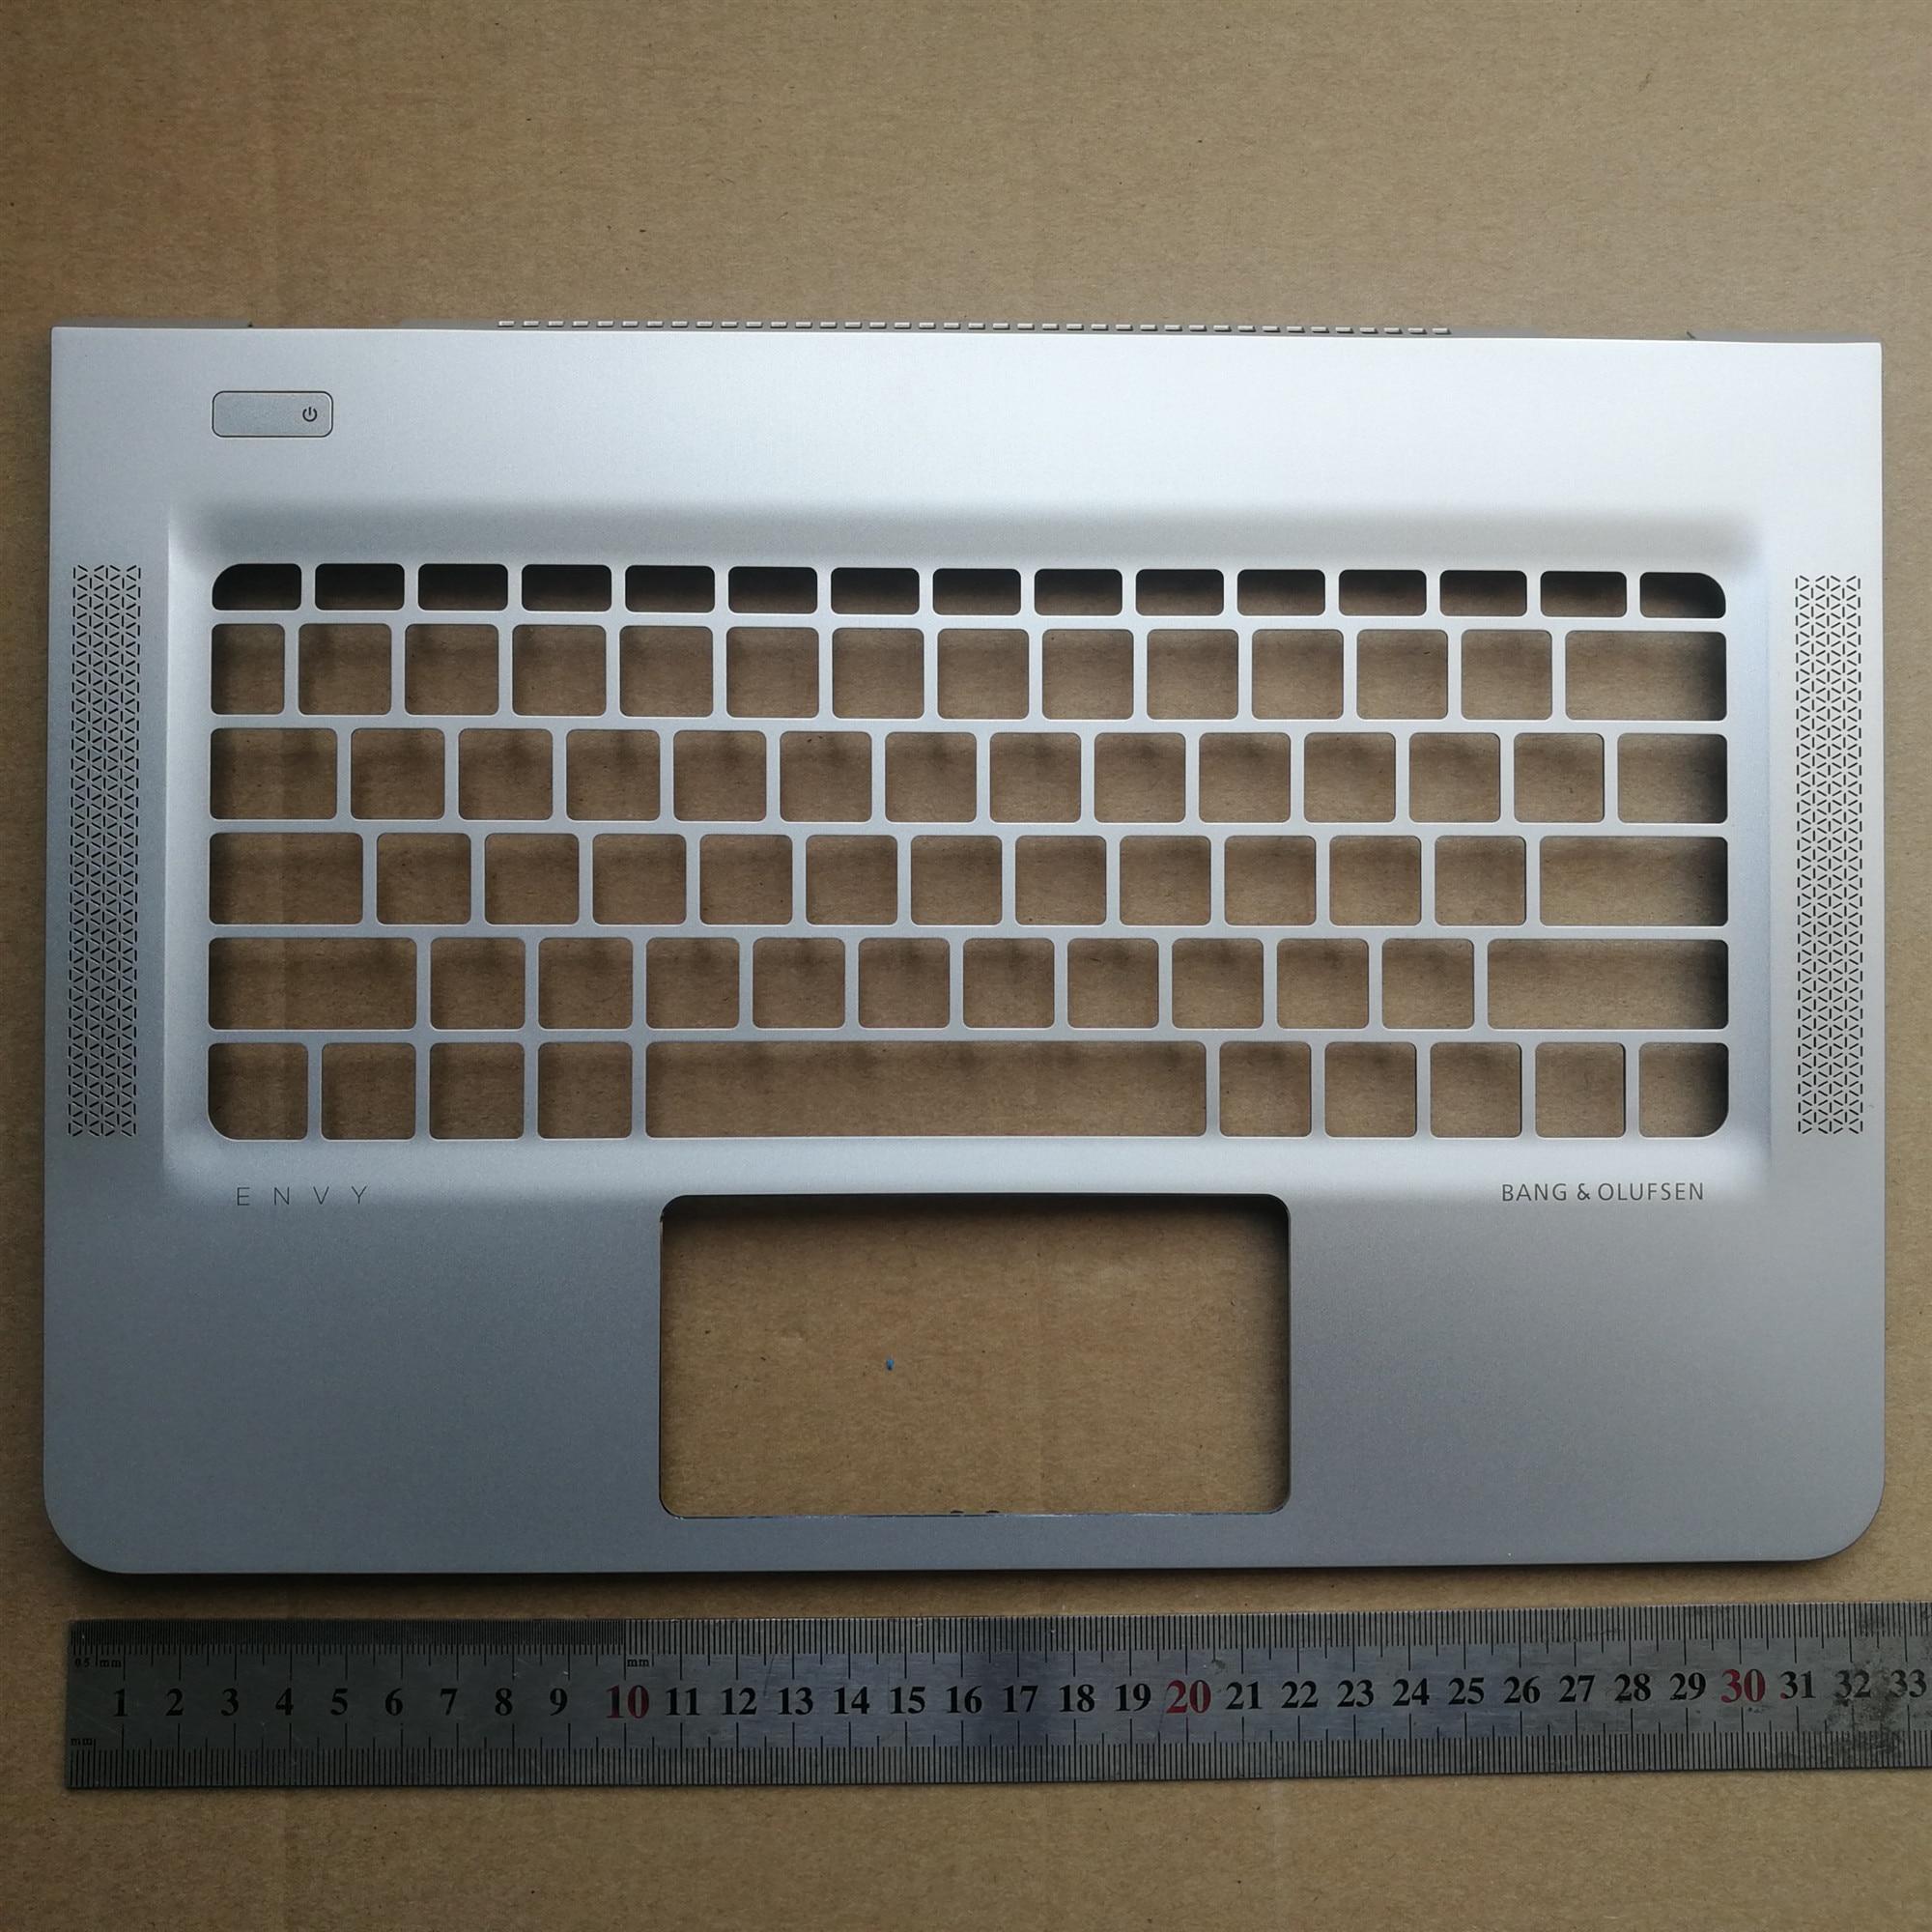 Nouveau housse de protection pour ordinateur portable pour HP ENVY 13-AB AB023tu ab024tu ab028tu TPN-I127 13.3 ″ 6070B1083301